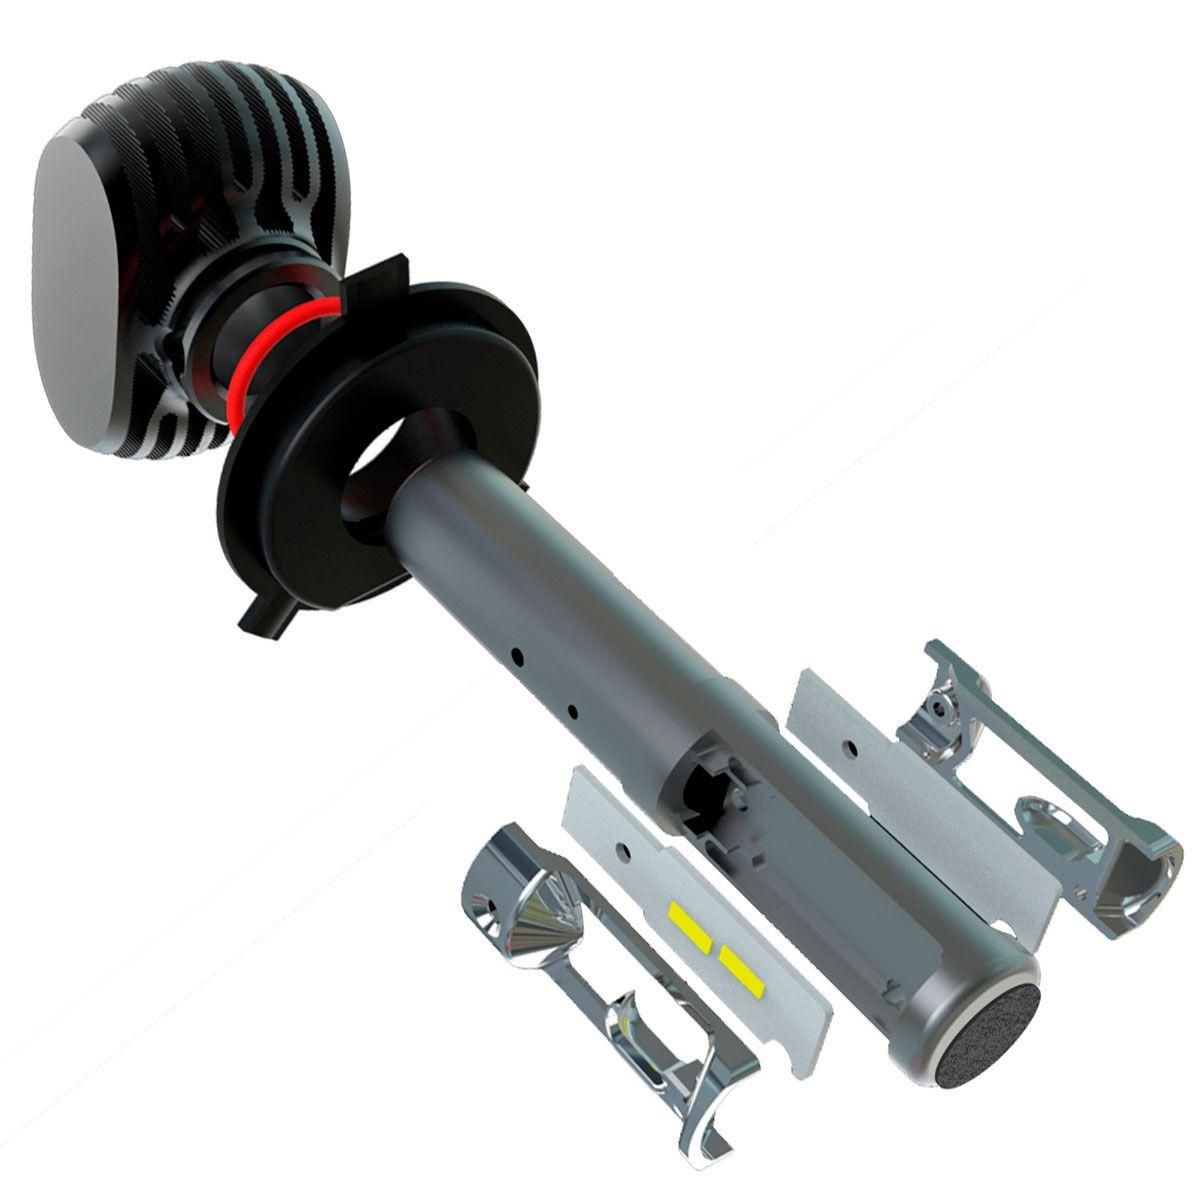 Kit Ultra LED Corolla 2012 2013 tipo xenon farol alto HB3 farol baixo HB4 e milha H11 50W